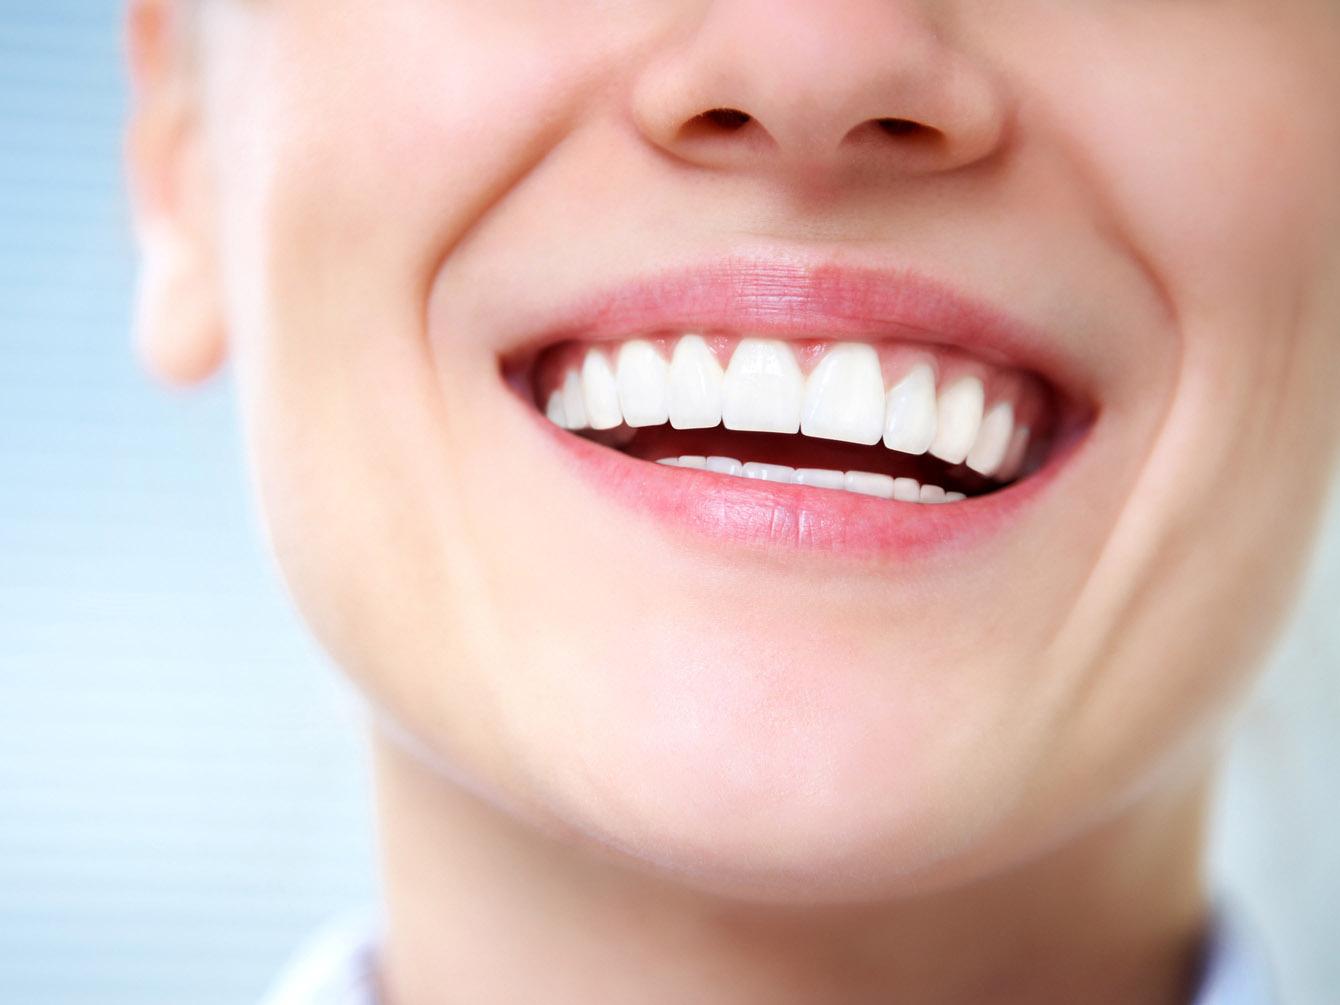 sfp dental